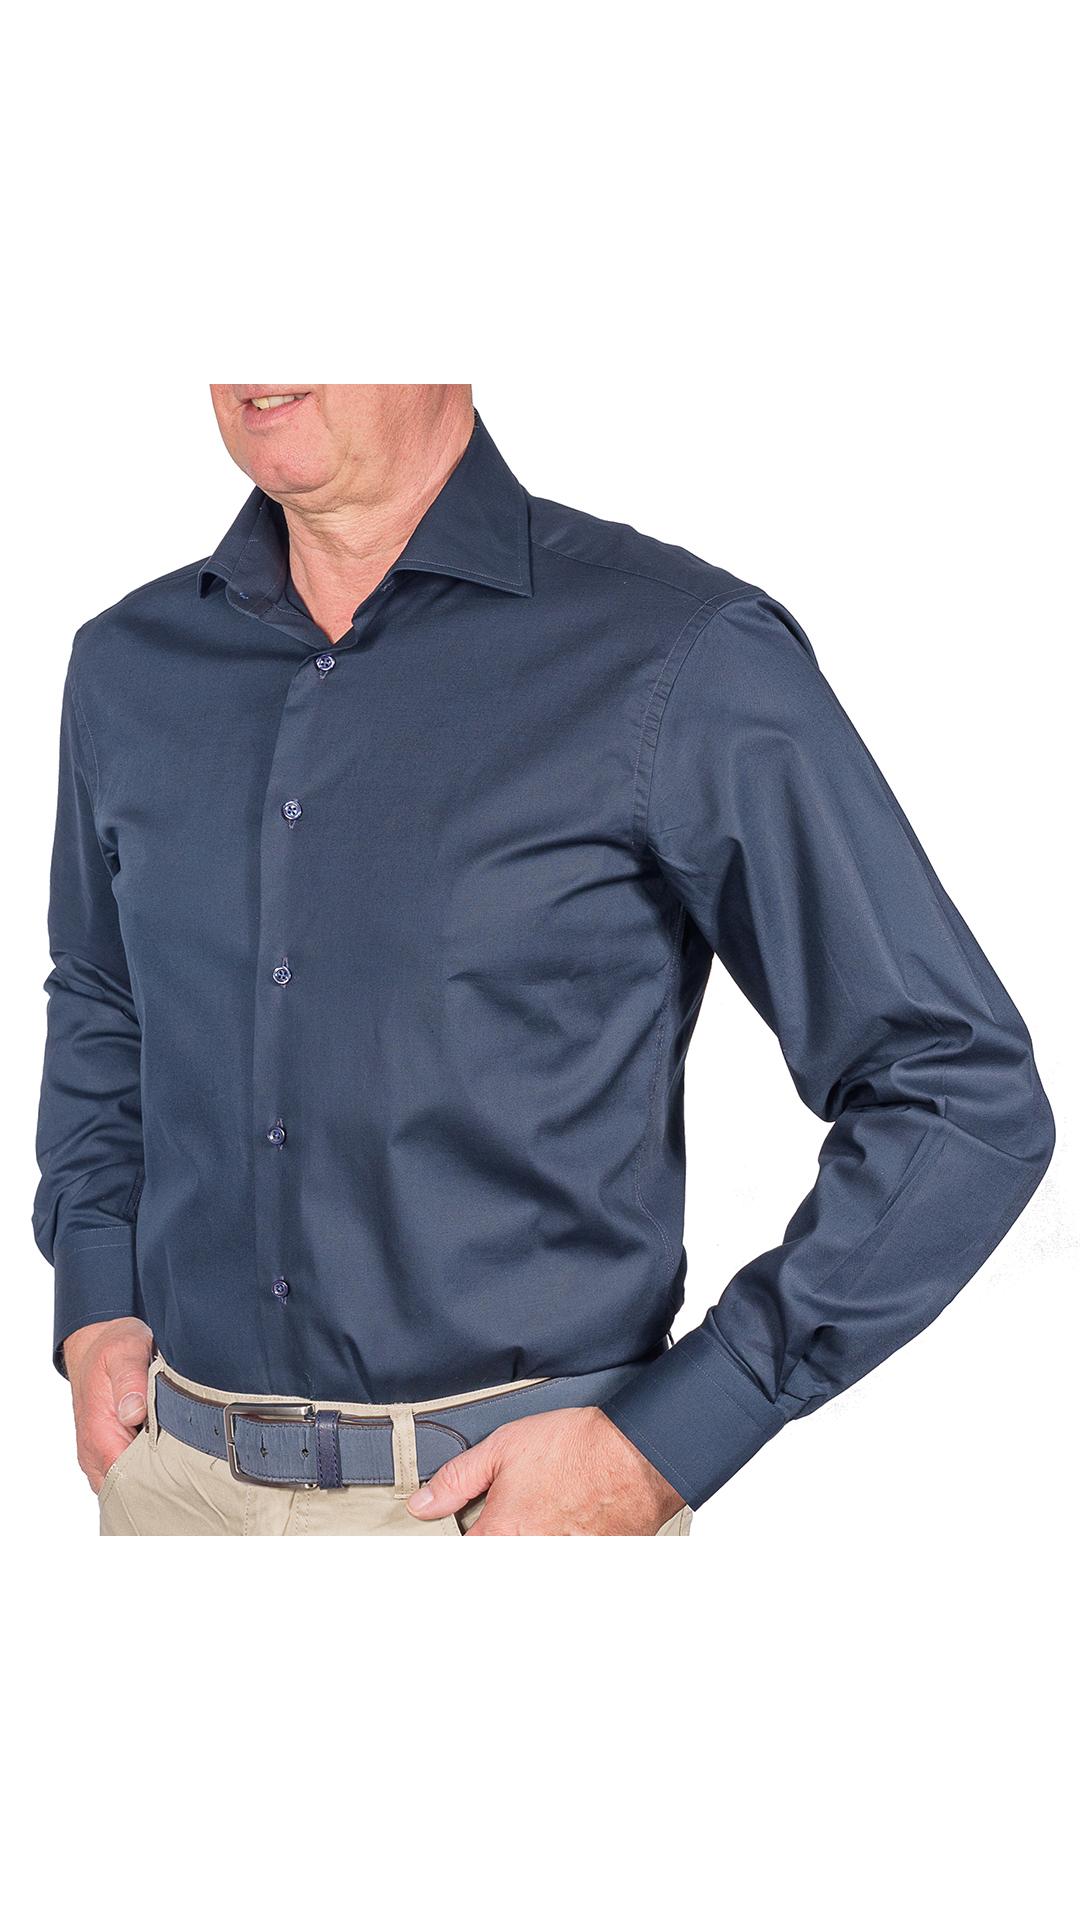 LUXURYJTEL0002 CAMICIA UOMO DOPPIO RITORTO MANICA LUNGA 1 1stAmerican camicia elegante da uomo in collo classico 100% cotone alta qualità doppio ritorto manica lunga – camicia sartoriale regular fit elasticizzata